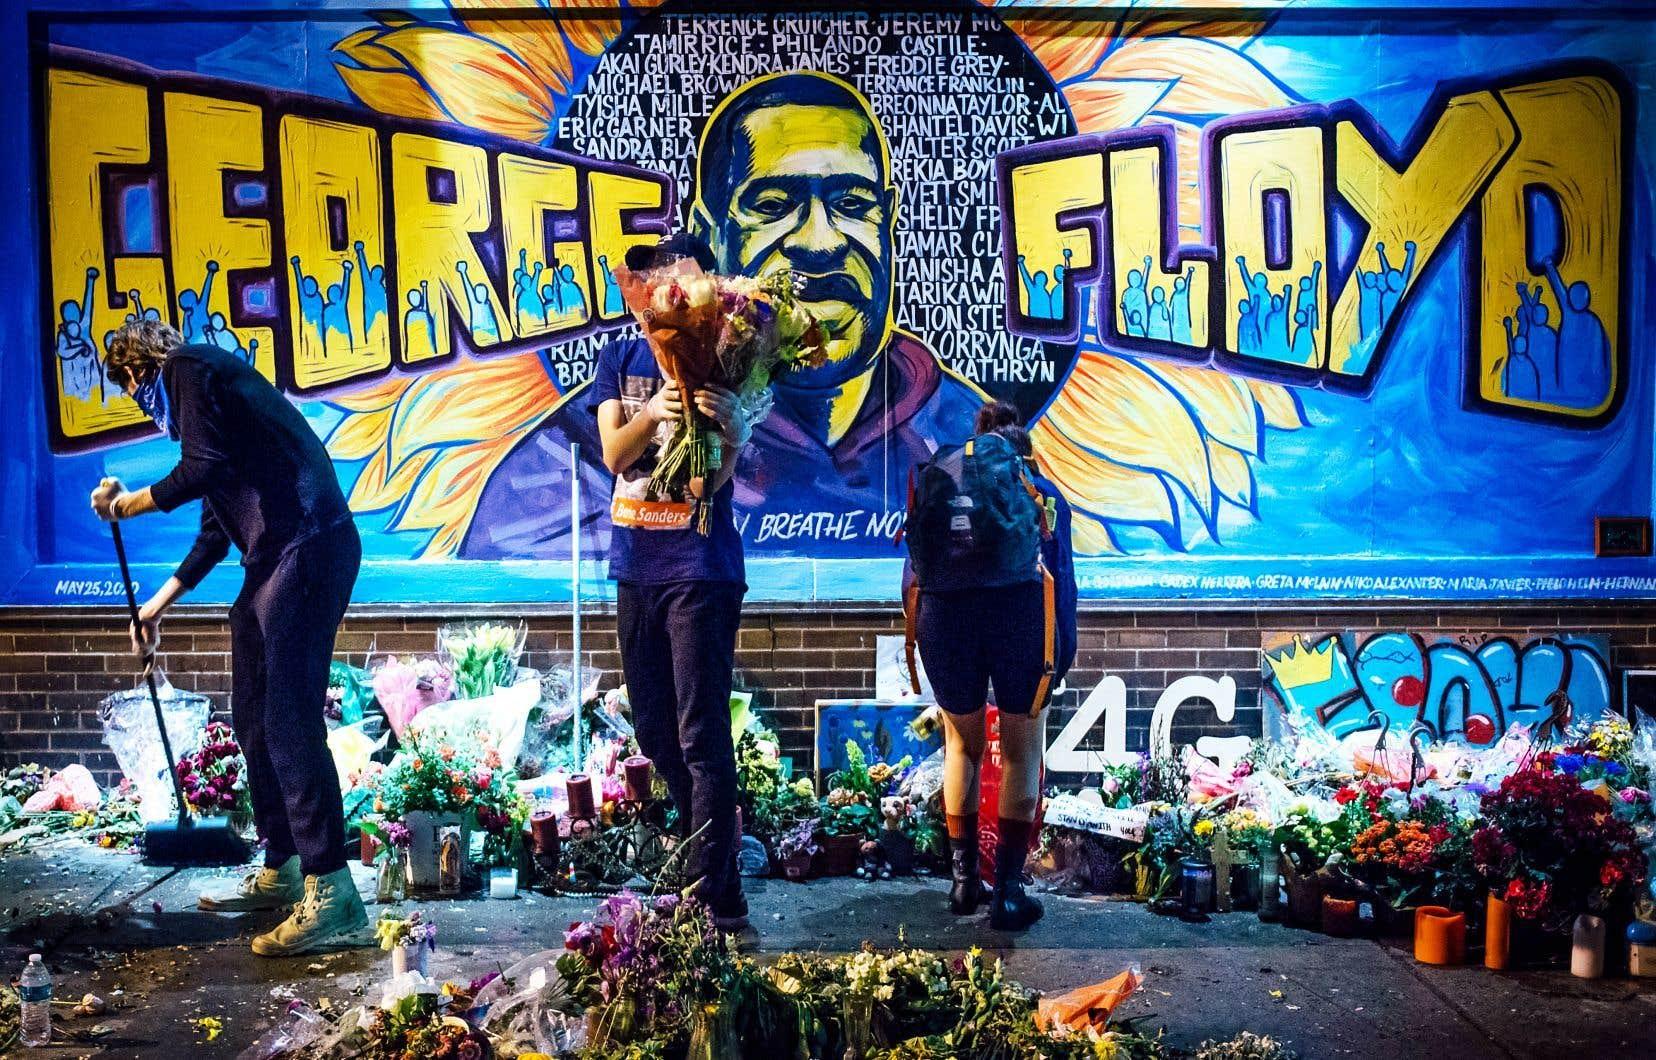 La mort de George Floyd à Minneapolis a provoqué une onde de choc aux États-Unis et un peu partout sur la planète.